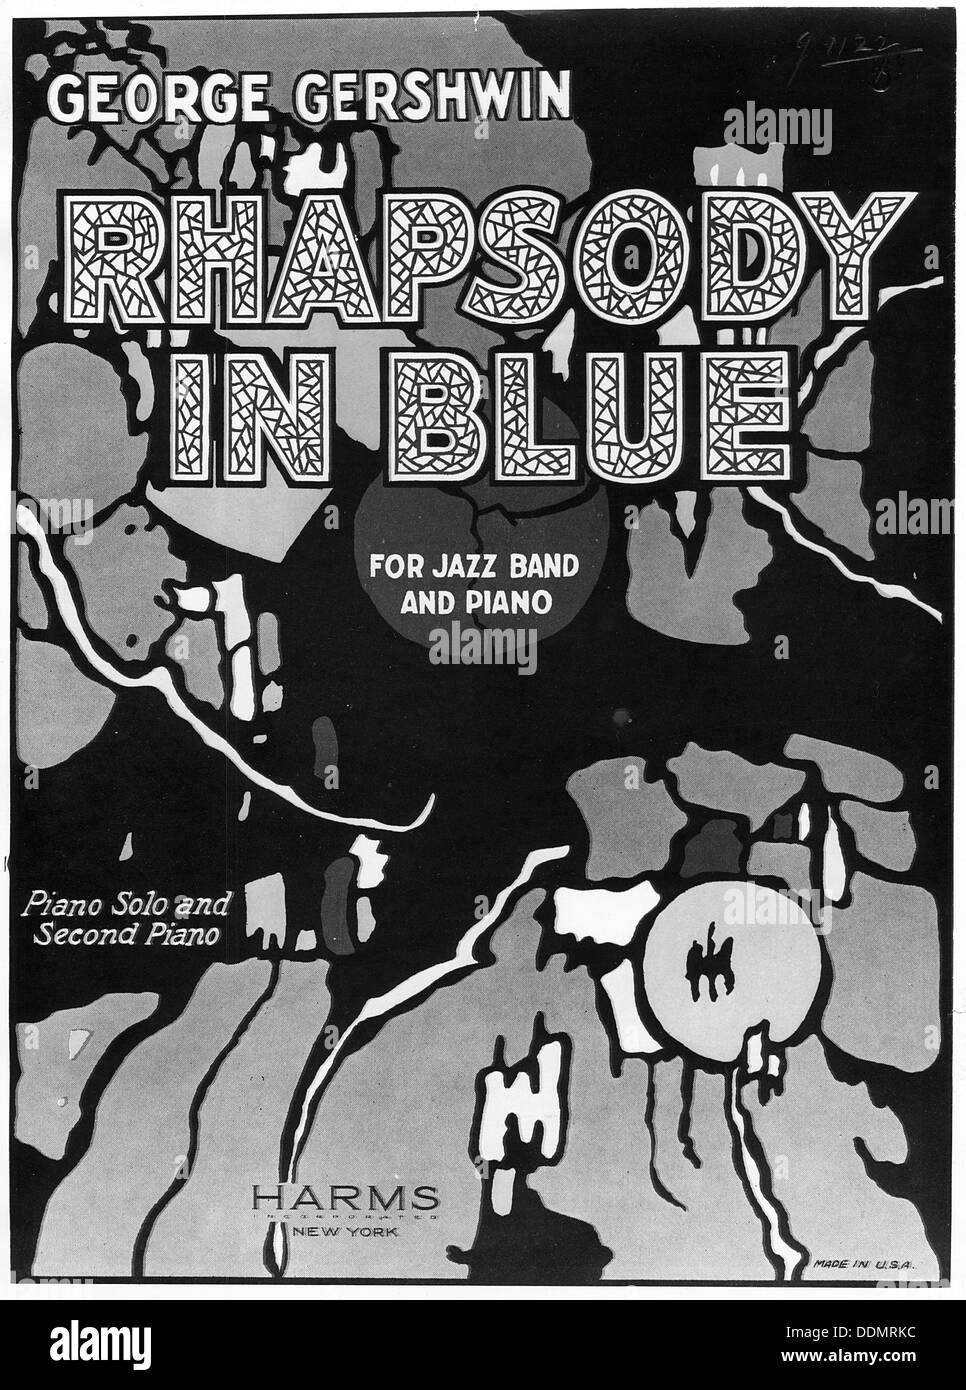 Rhapsody in Blue by George Gershwin, 1924. - Stock Image